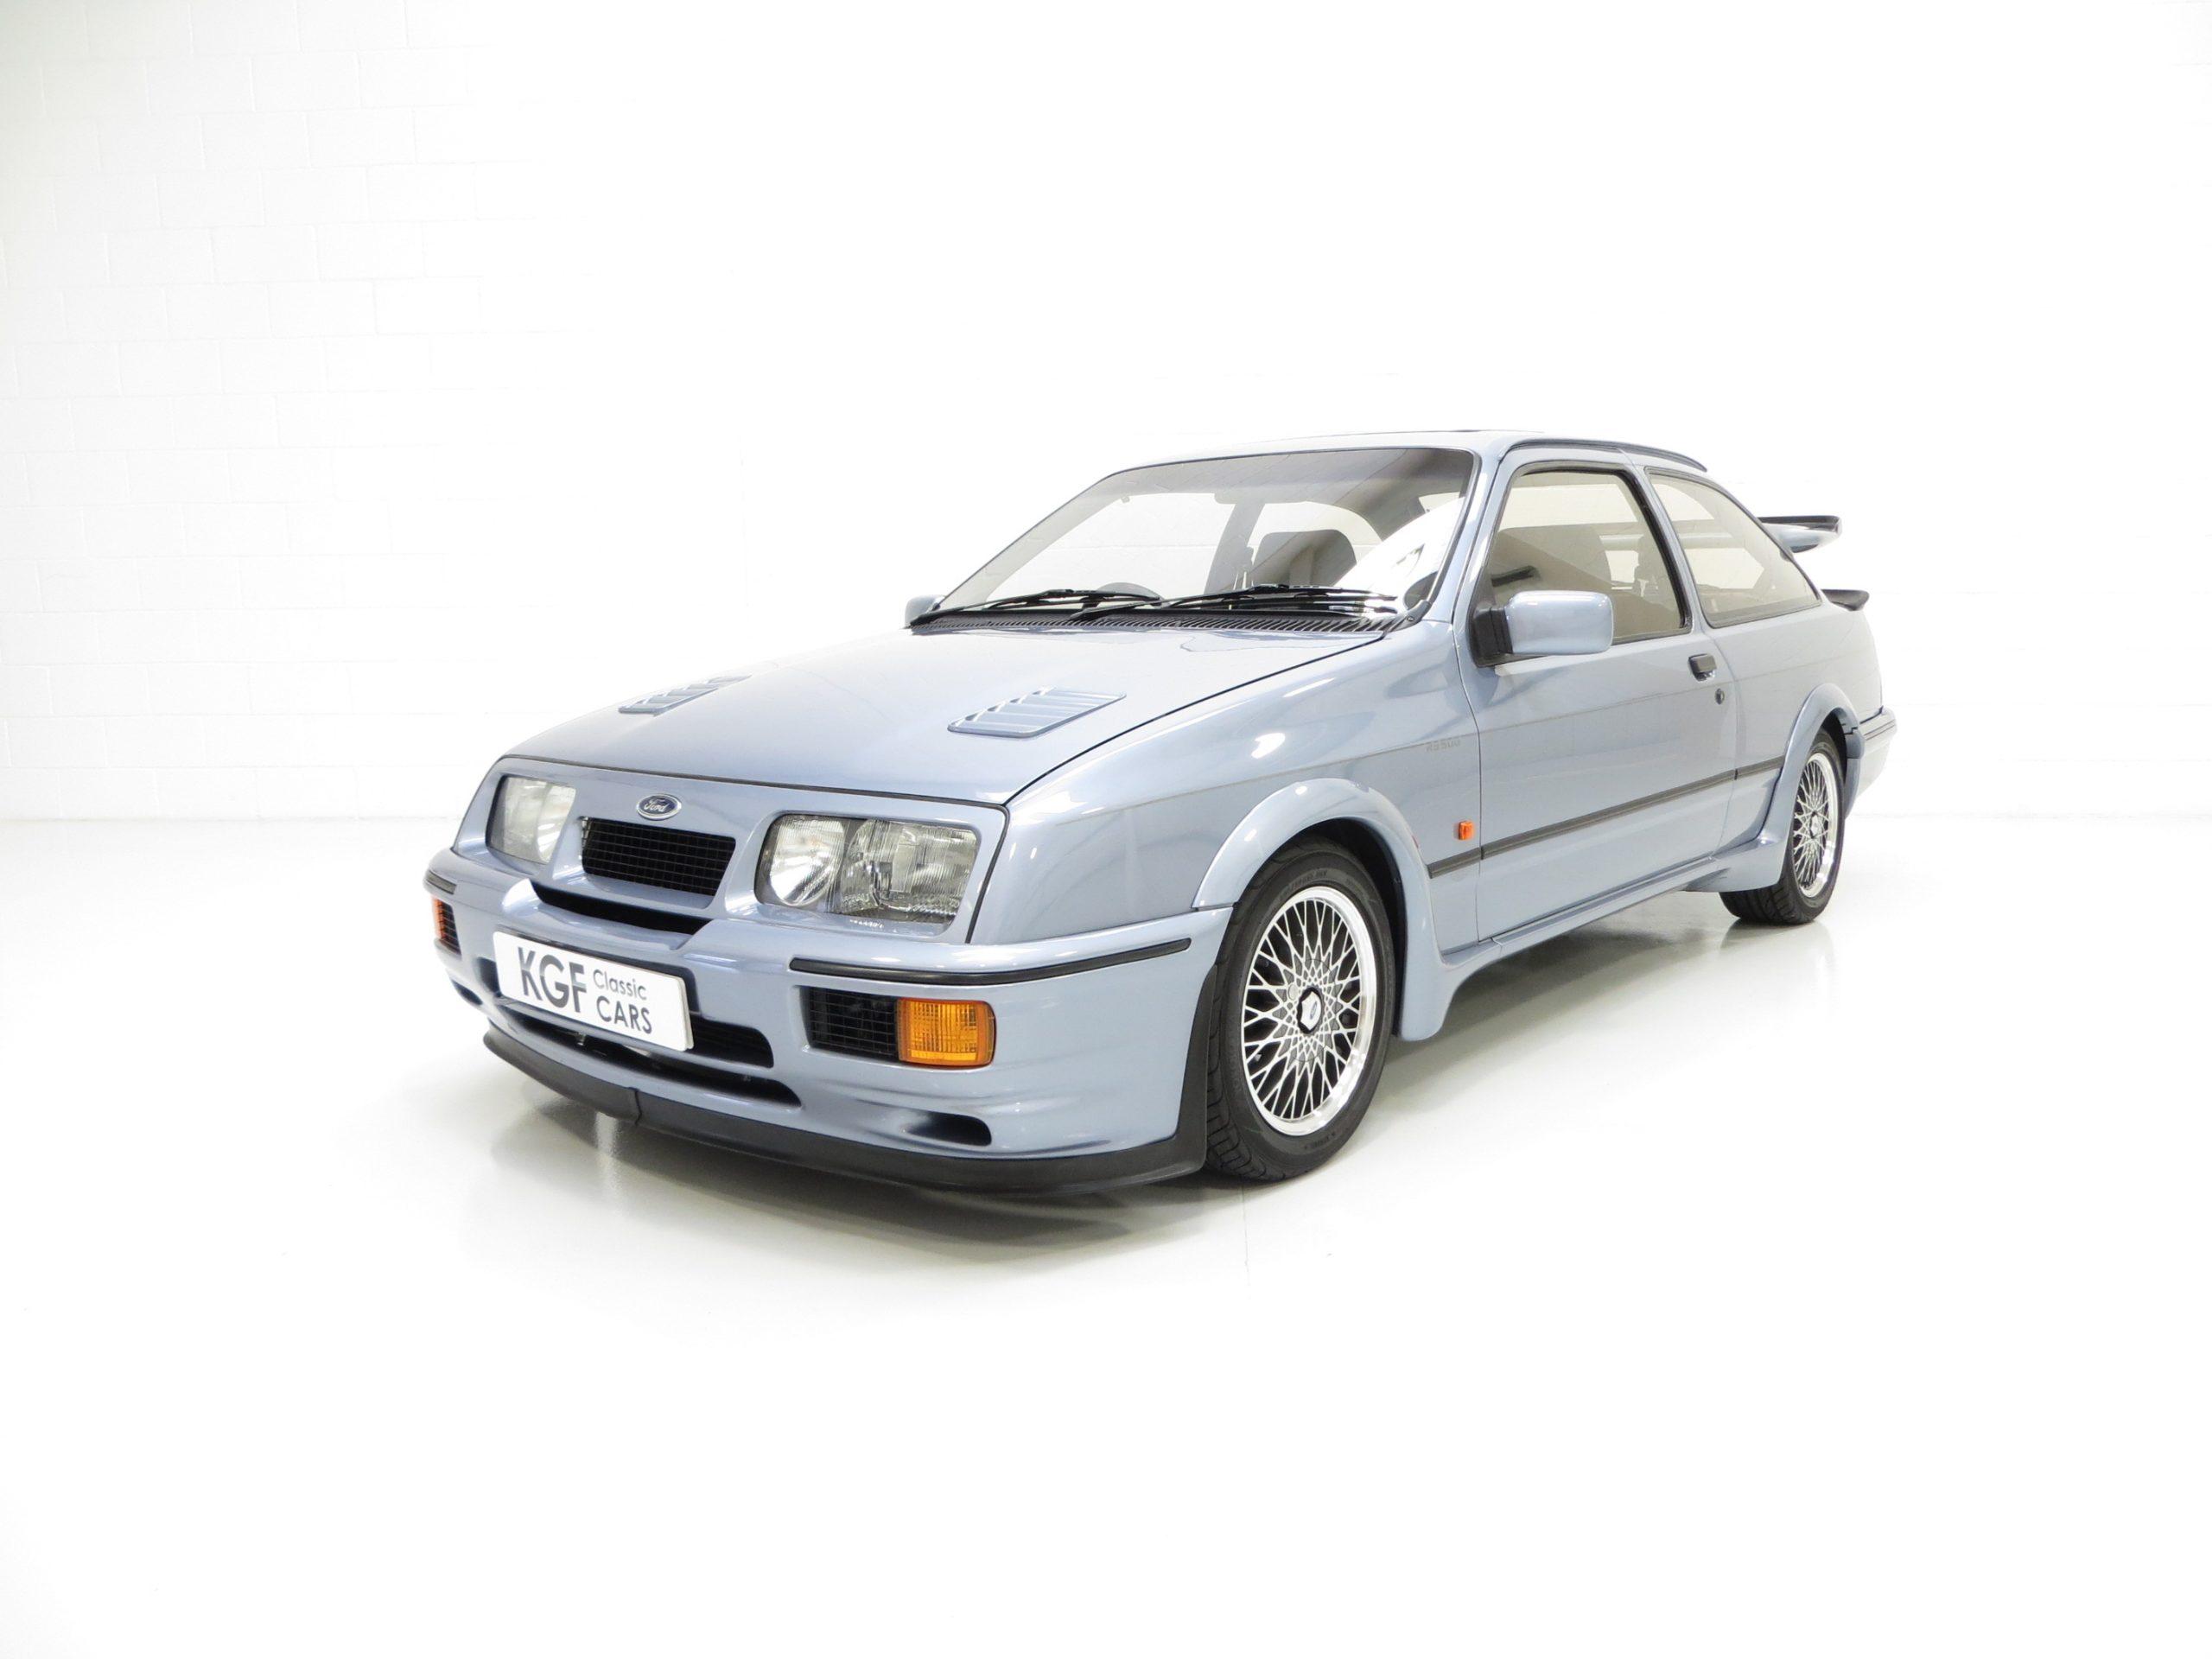 Ford Sierra Rs500 Cosworth  U2013 Kgf